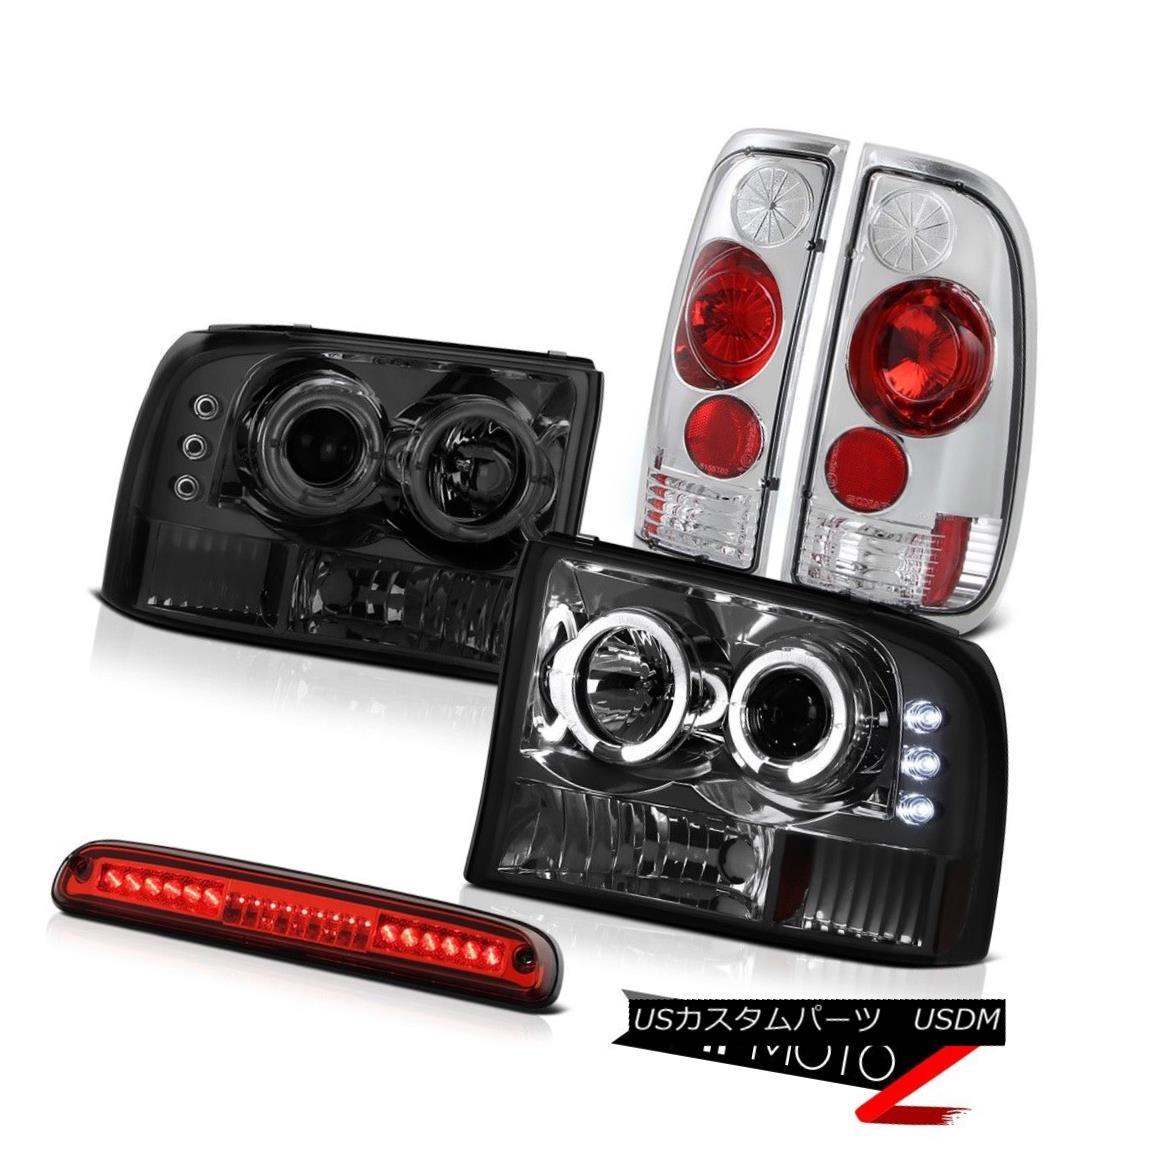 ヘッドライト Projector Smoke Headlight Rear Tail Lamps Third Brake LED 1999-2004 Ford F250 SD プロジェクター煙ヘッドライトリアテールランプ第3ブレーキLED 1999-2004 Ford F250 SD